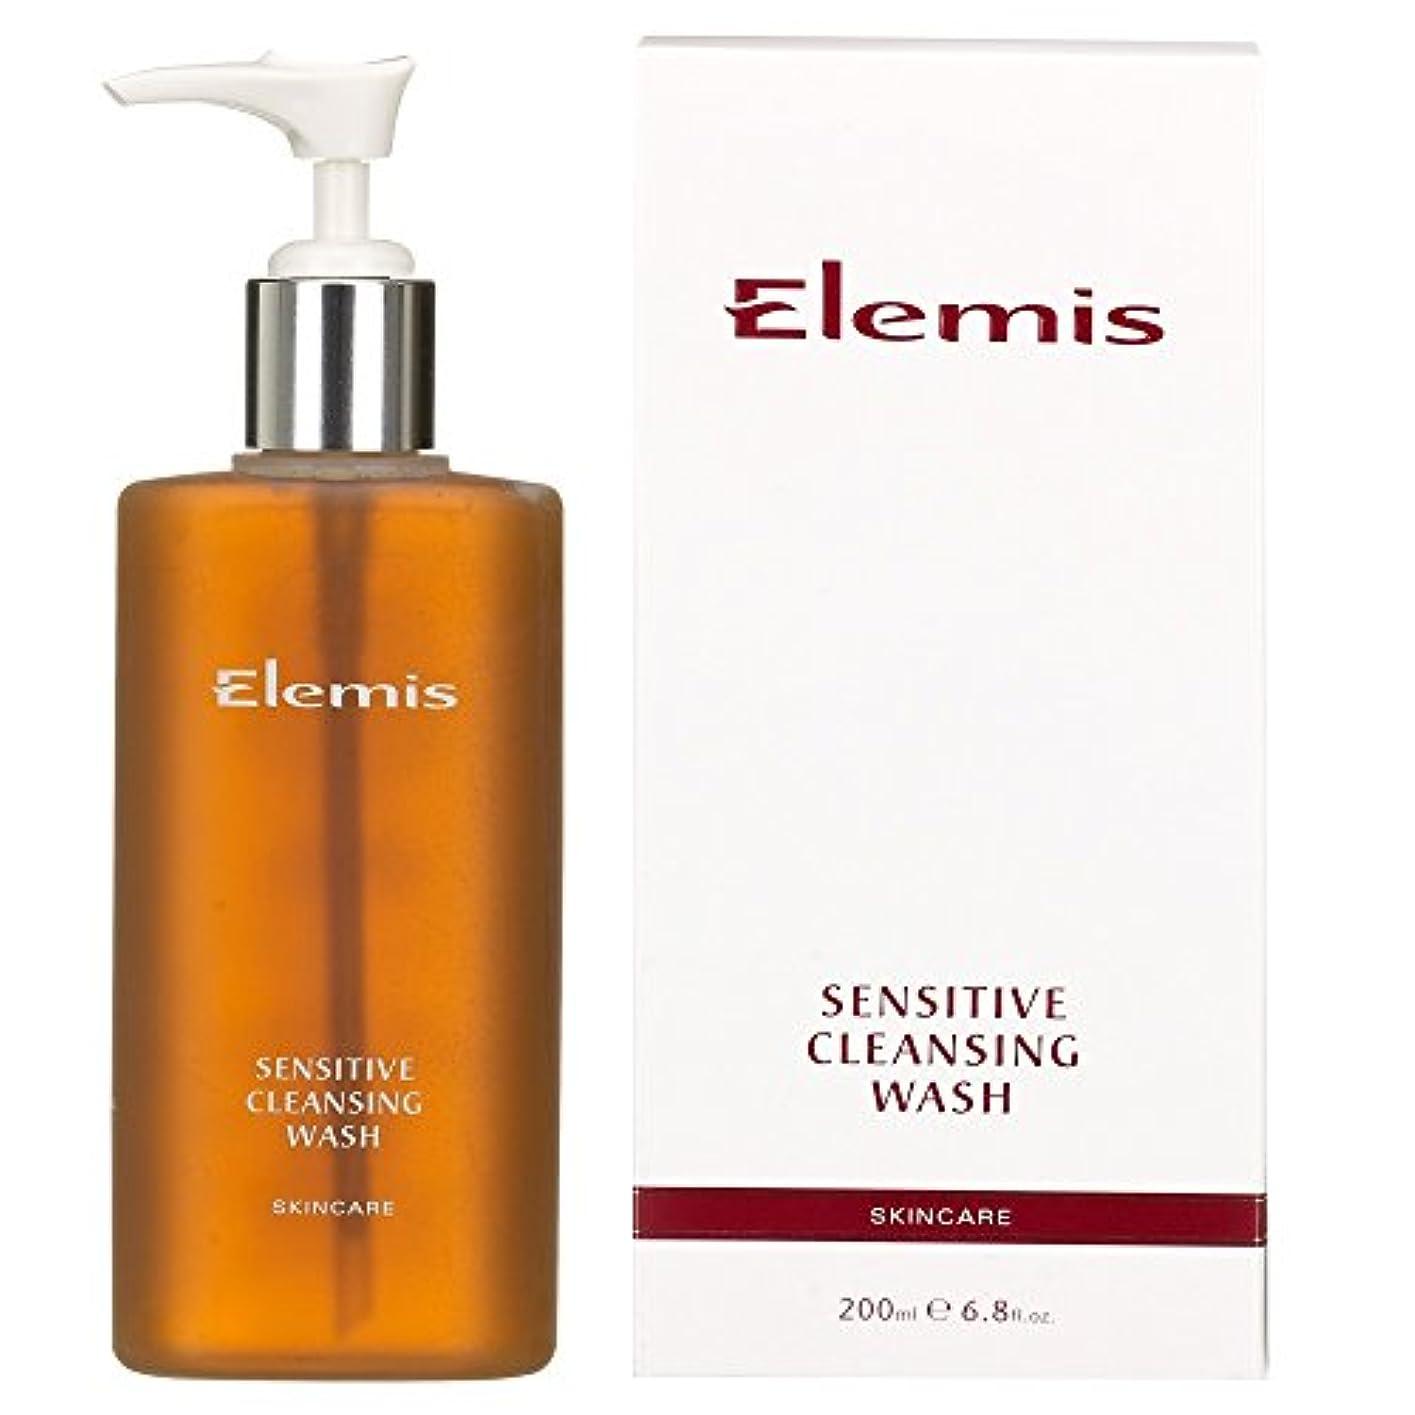 同情的ふつうコンテストエレミスは敏感クレンジングウォッシュをスキンケア (Elemis) (x6) - Elemis Skincare Sensitive Cleansing Wash (Pack of 6) [並行輸入品]